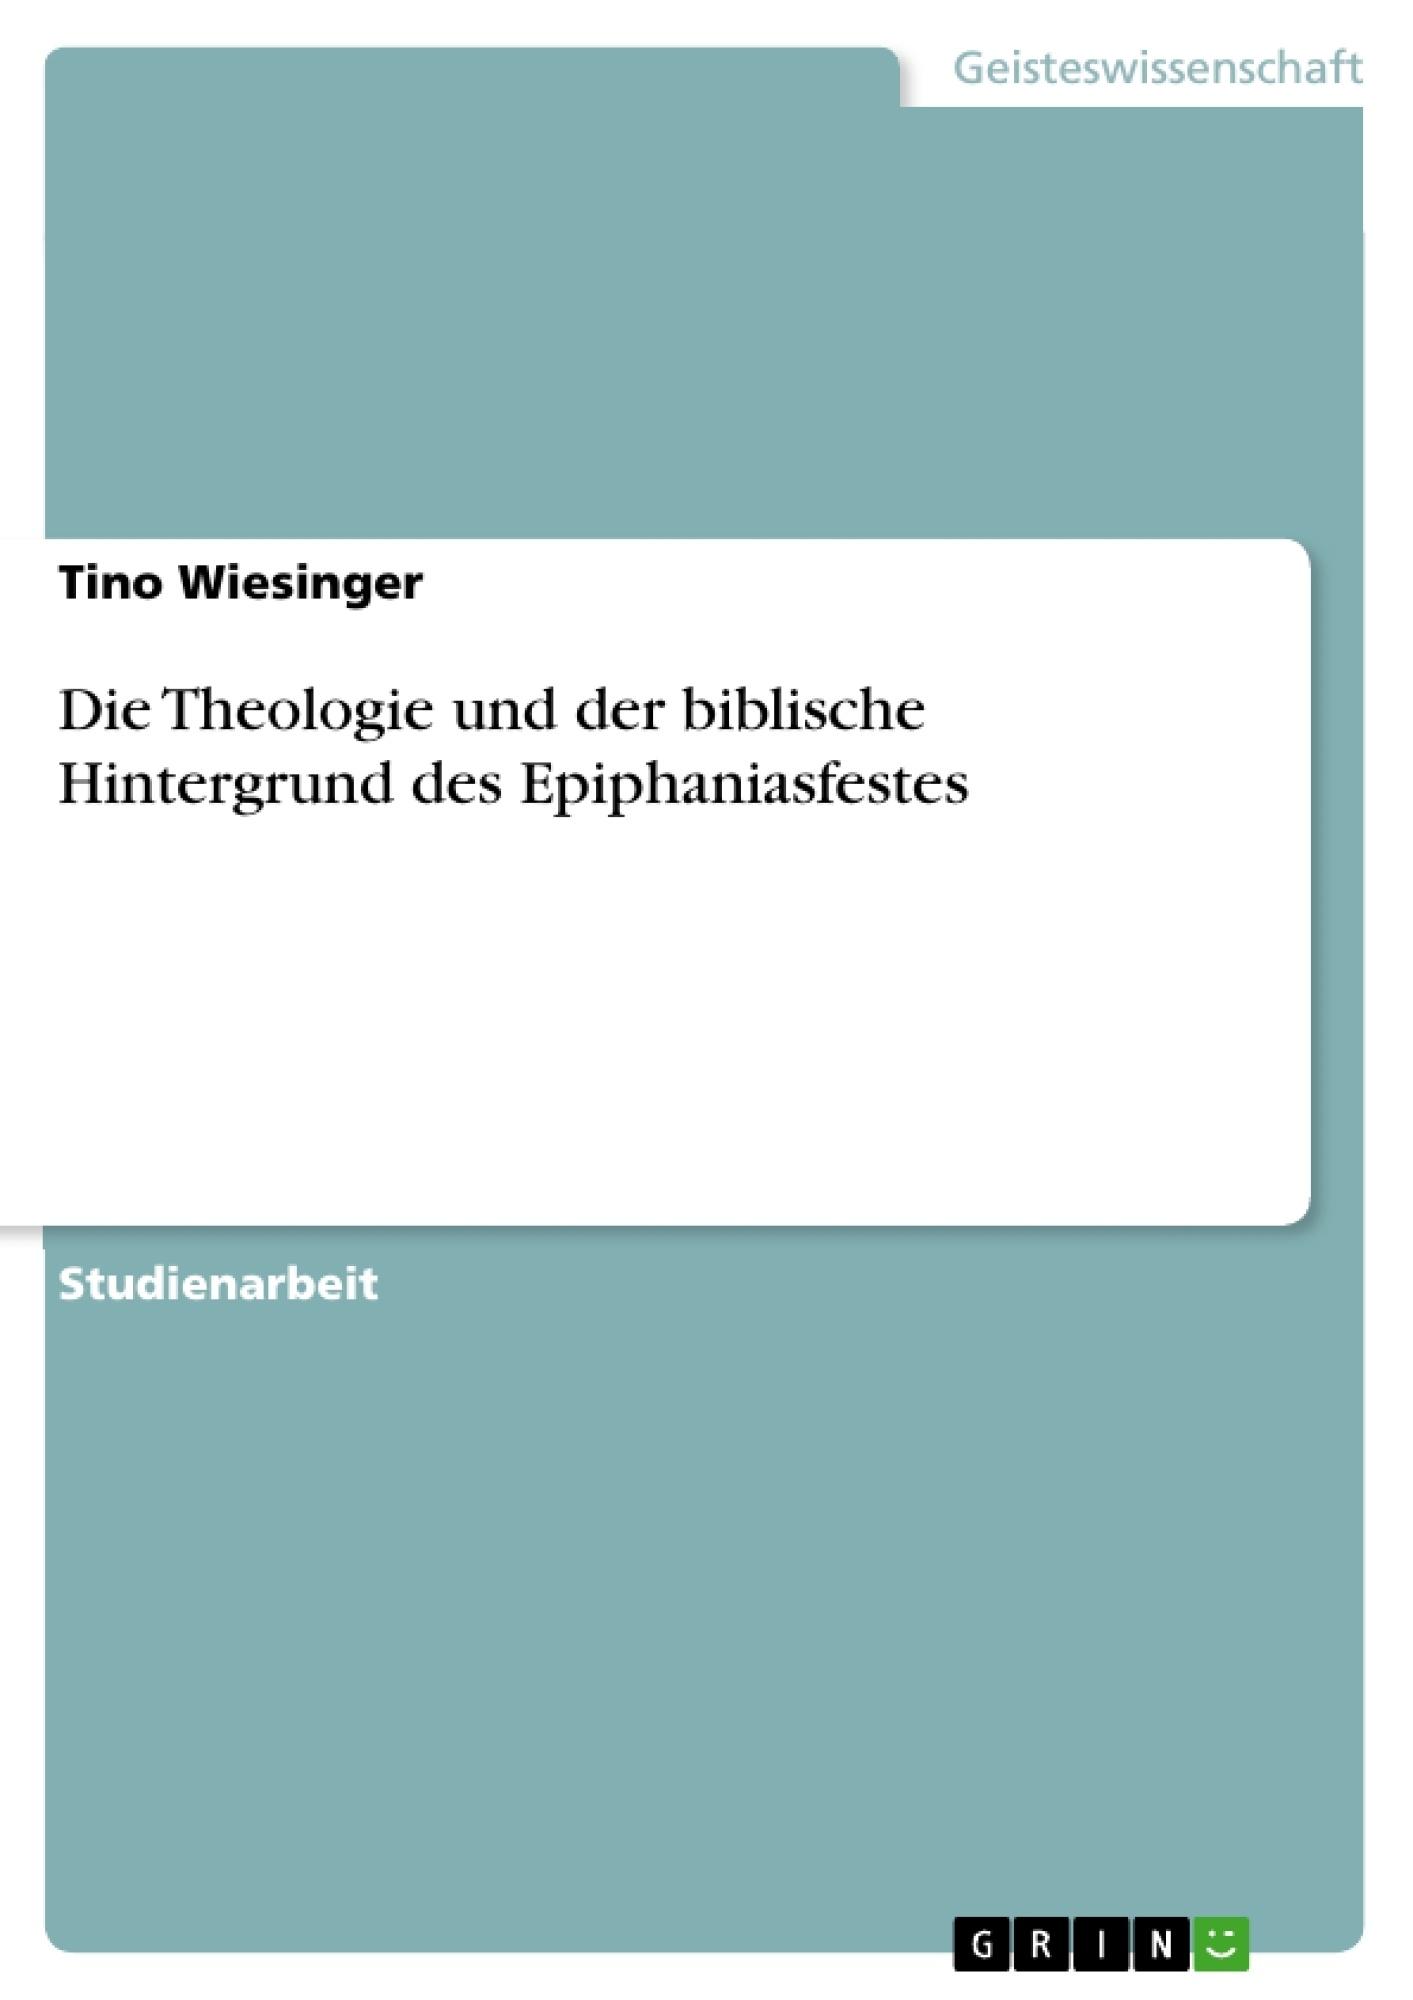 Titel: Die Theologie und der biblische Hintergrund des Epiphaniasfestes